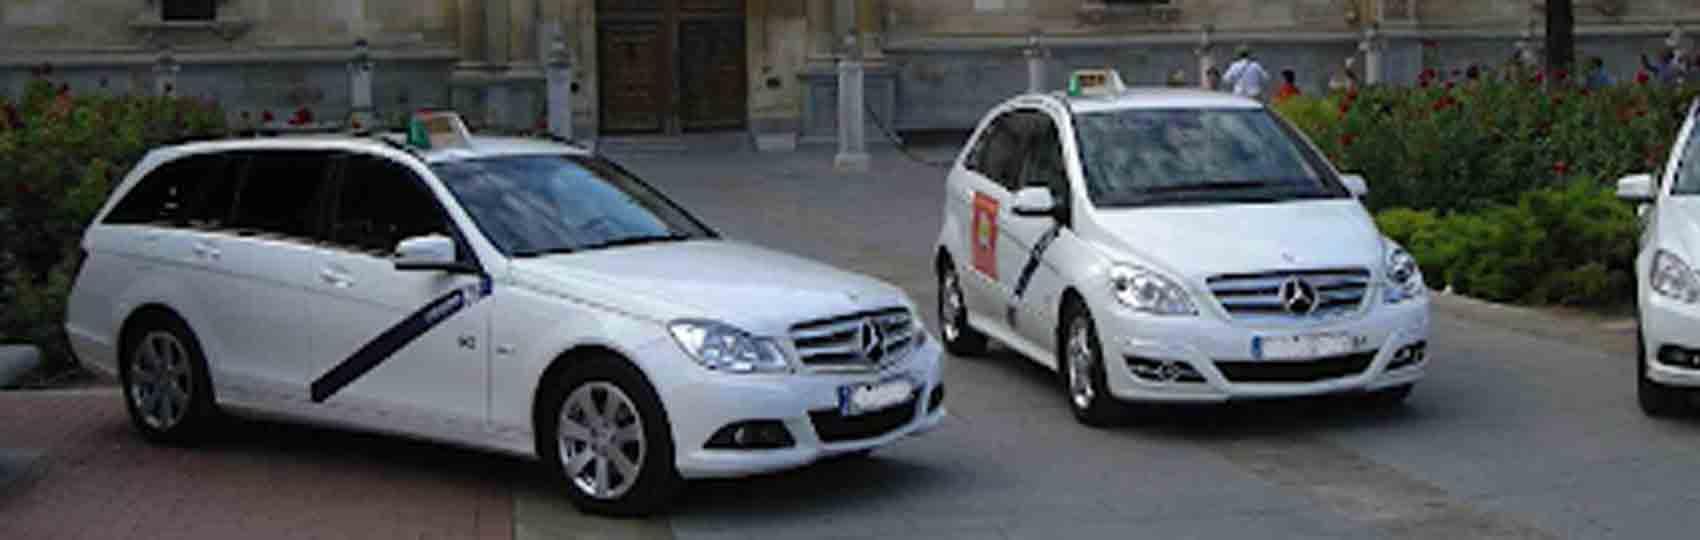 Noticias del sector del taxi y la movilidad en Alcalá de Henares. Mantente informado de todas las noticias del taxi de Alcalá de Henares en el grupo de Facebook de Todo Taxi.